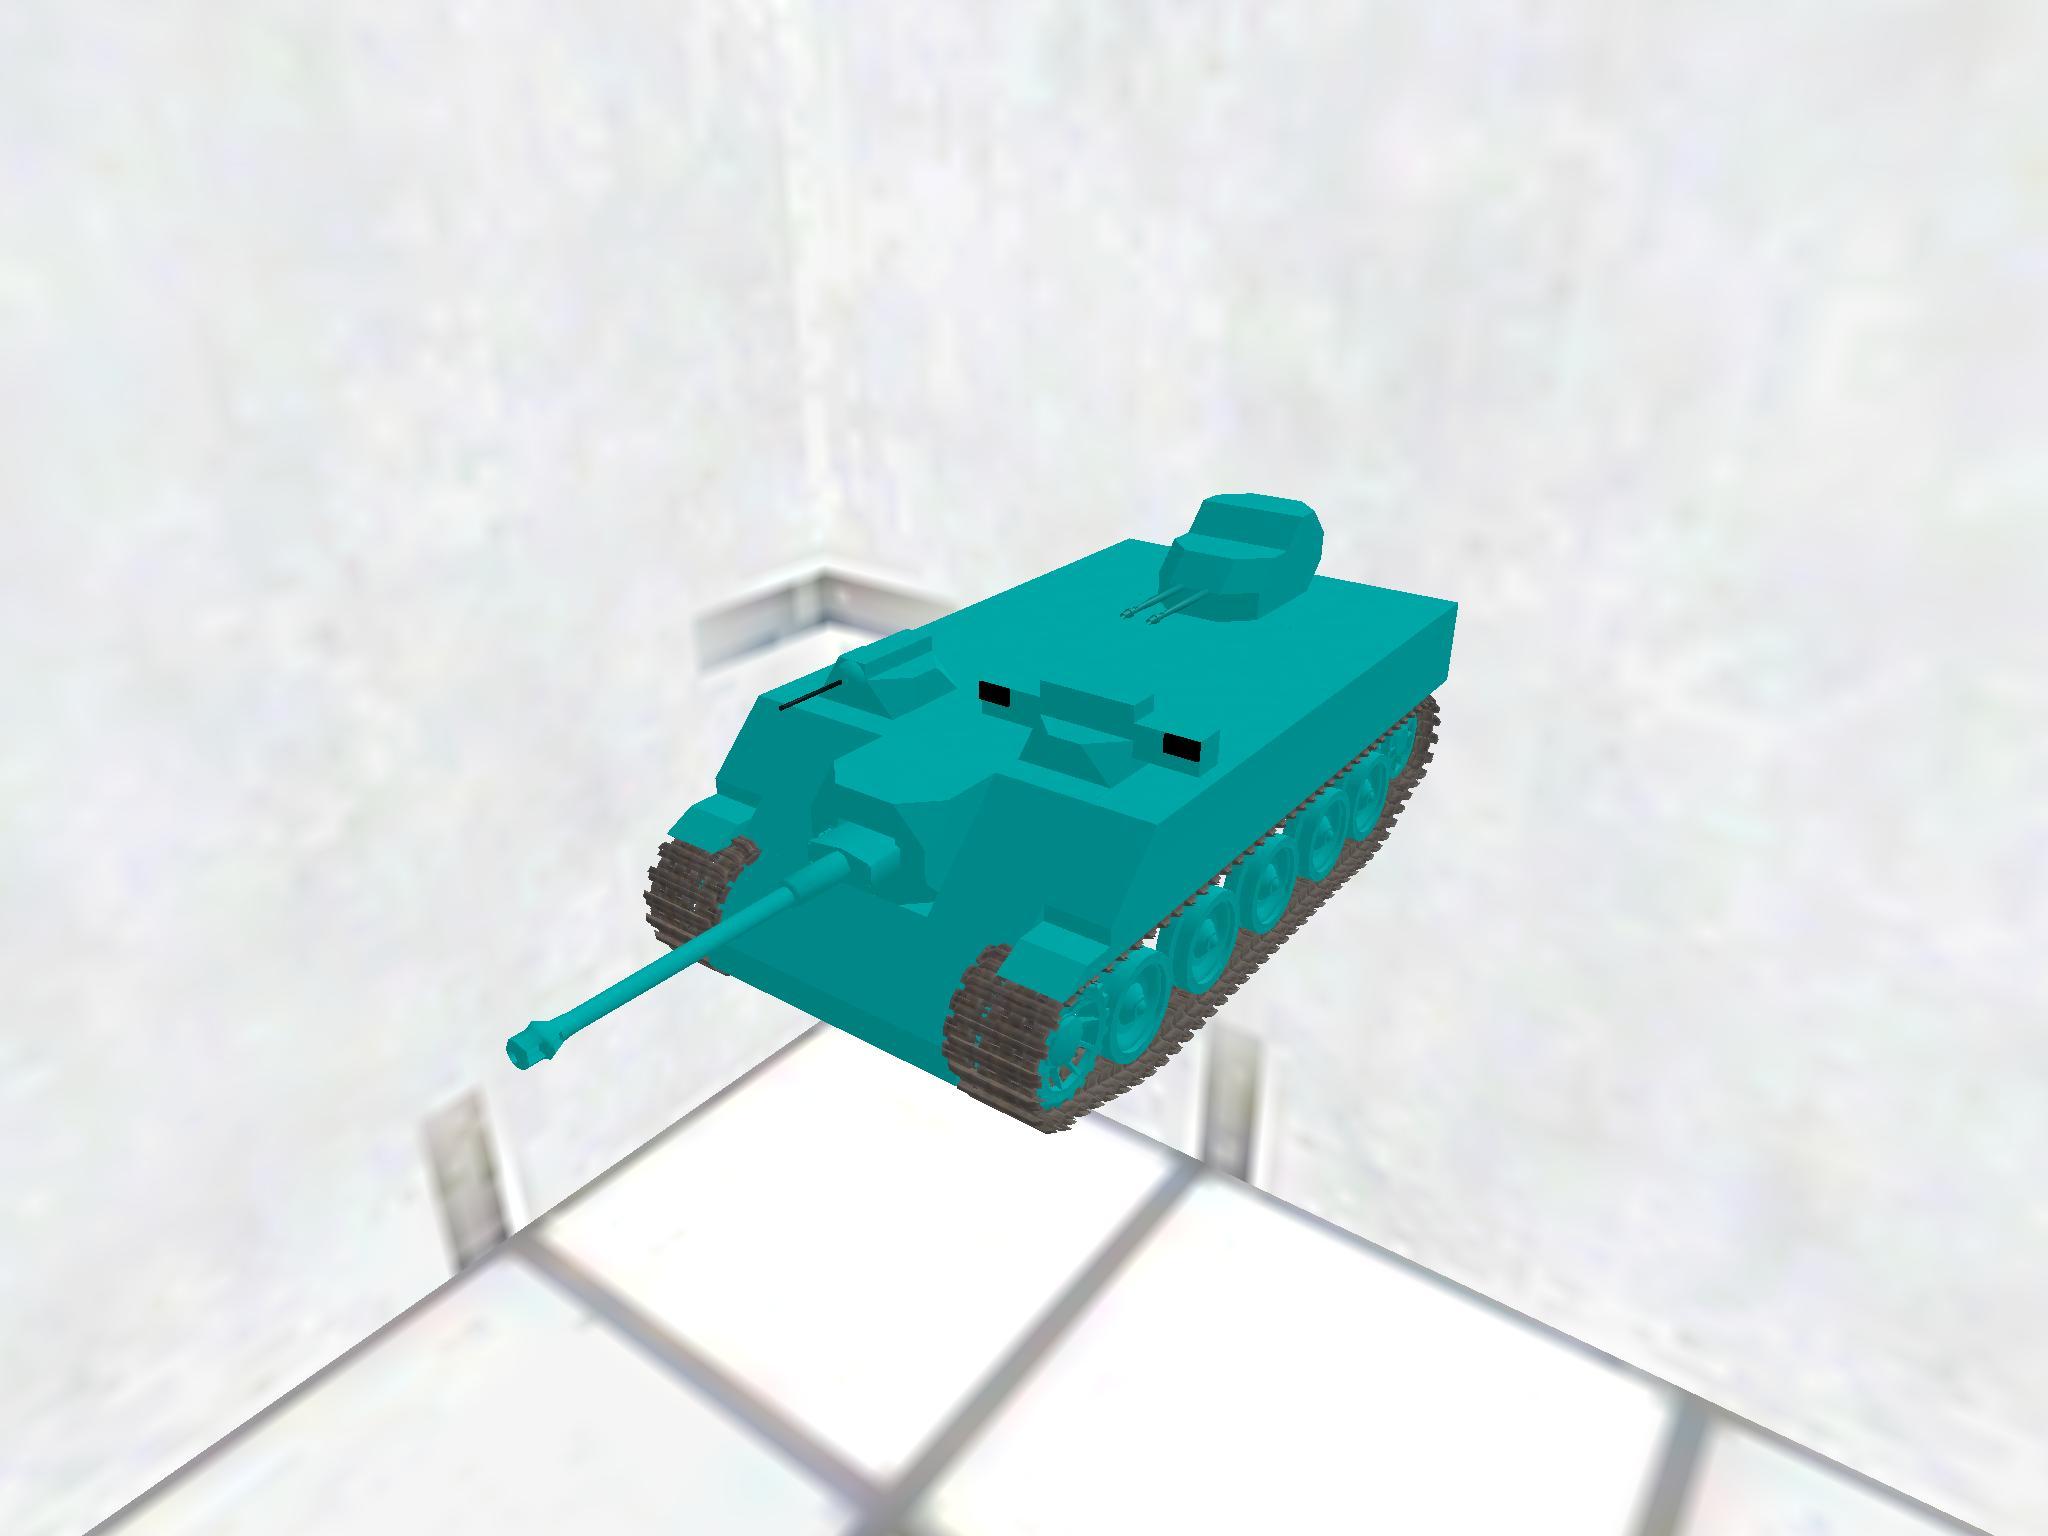 AMX AC mie 48